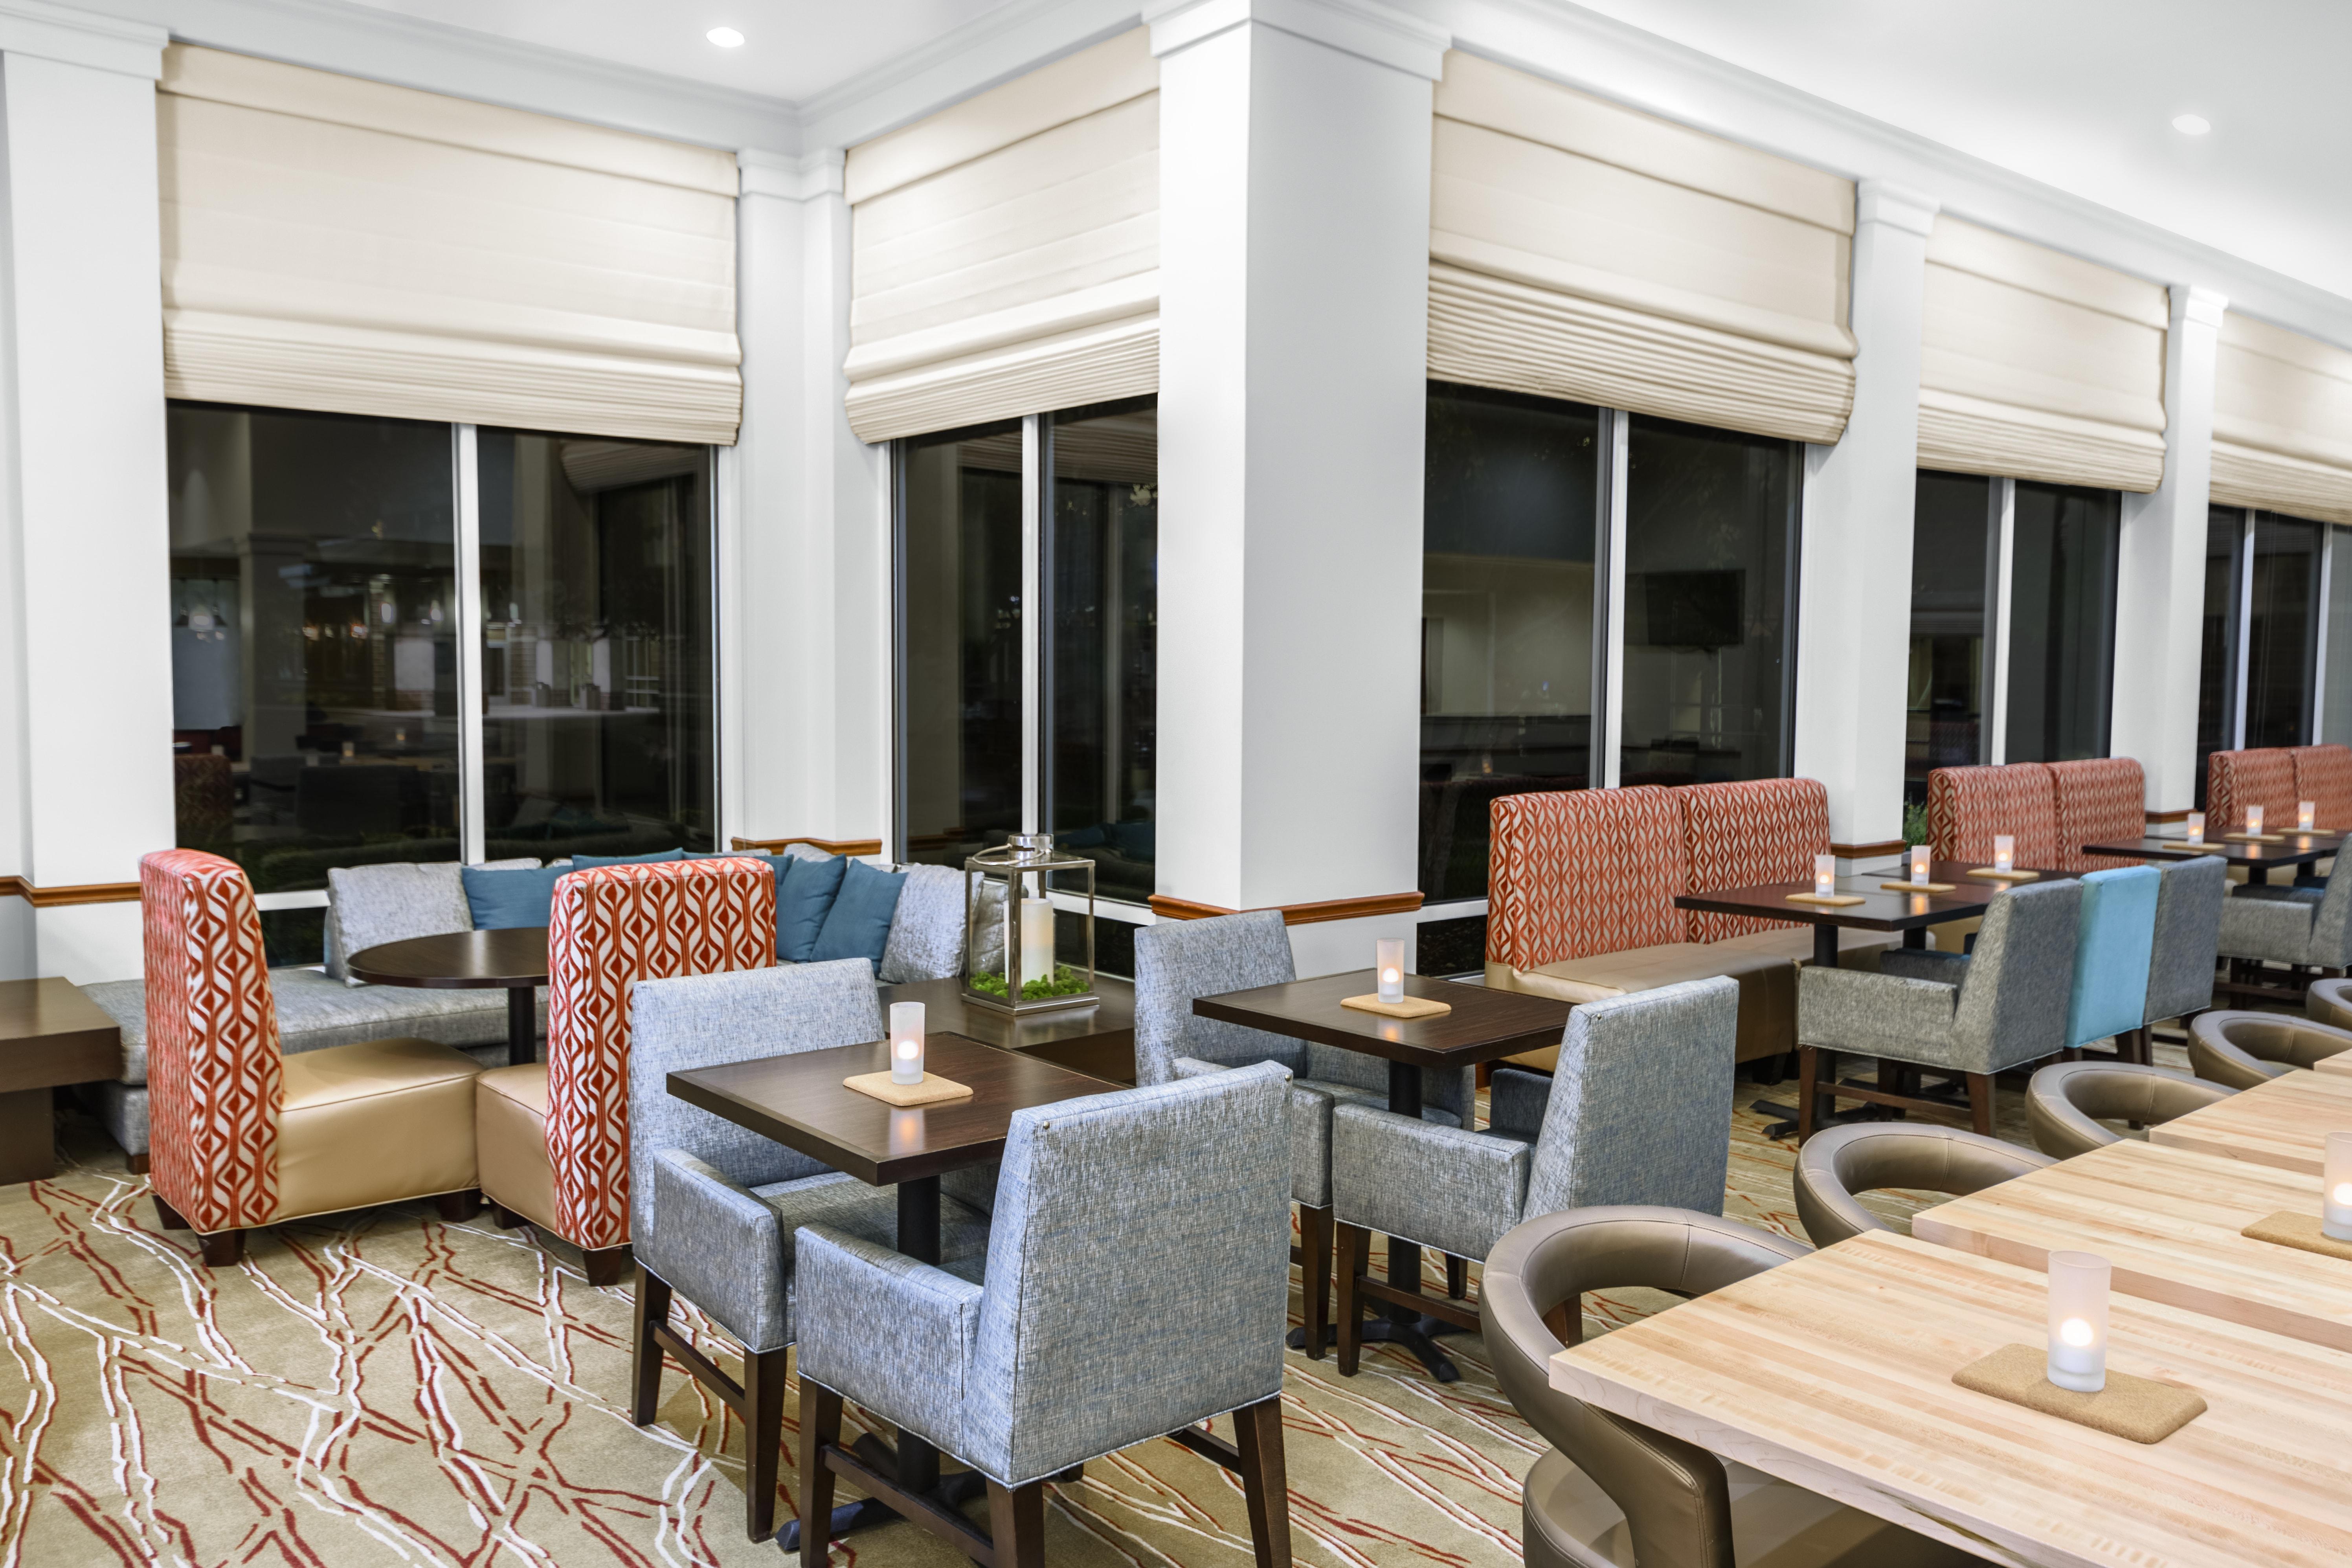 https://www.hotelsbyday.com/_data/default-hotel_image/3/16004/dsc-6249-hdra-v2.jpg